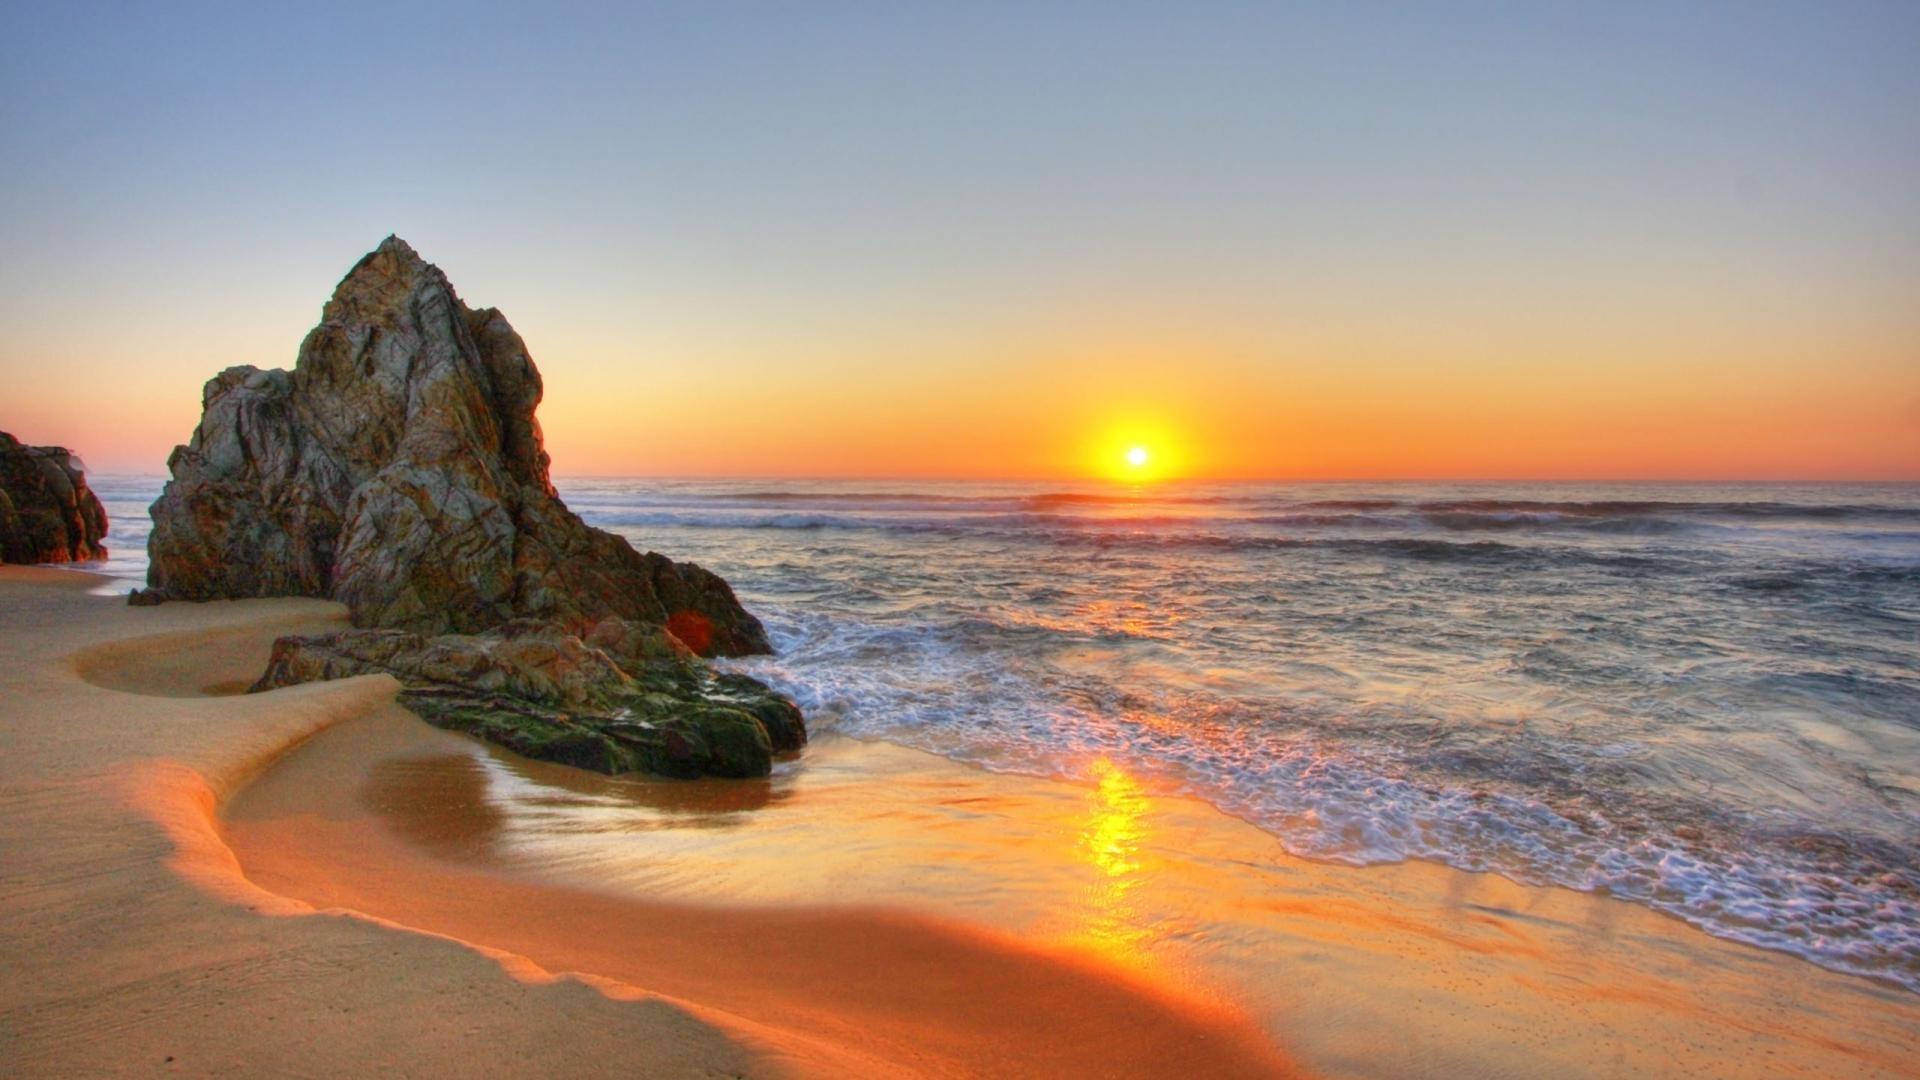 golden sunset beach wallpaper pc wallpaper | wallpaperlepi